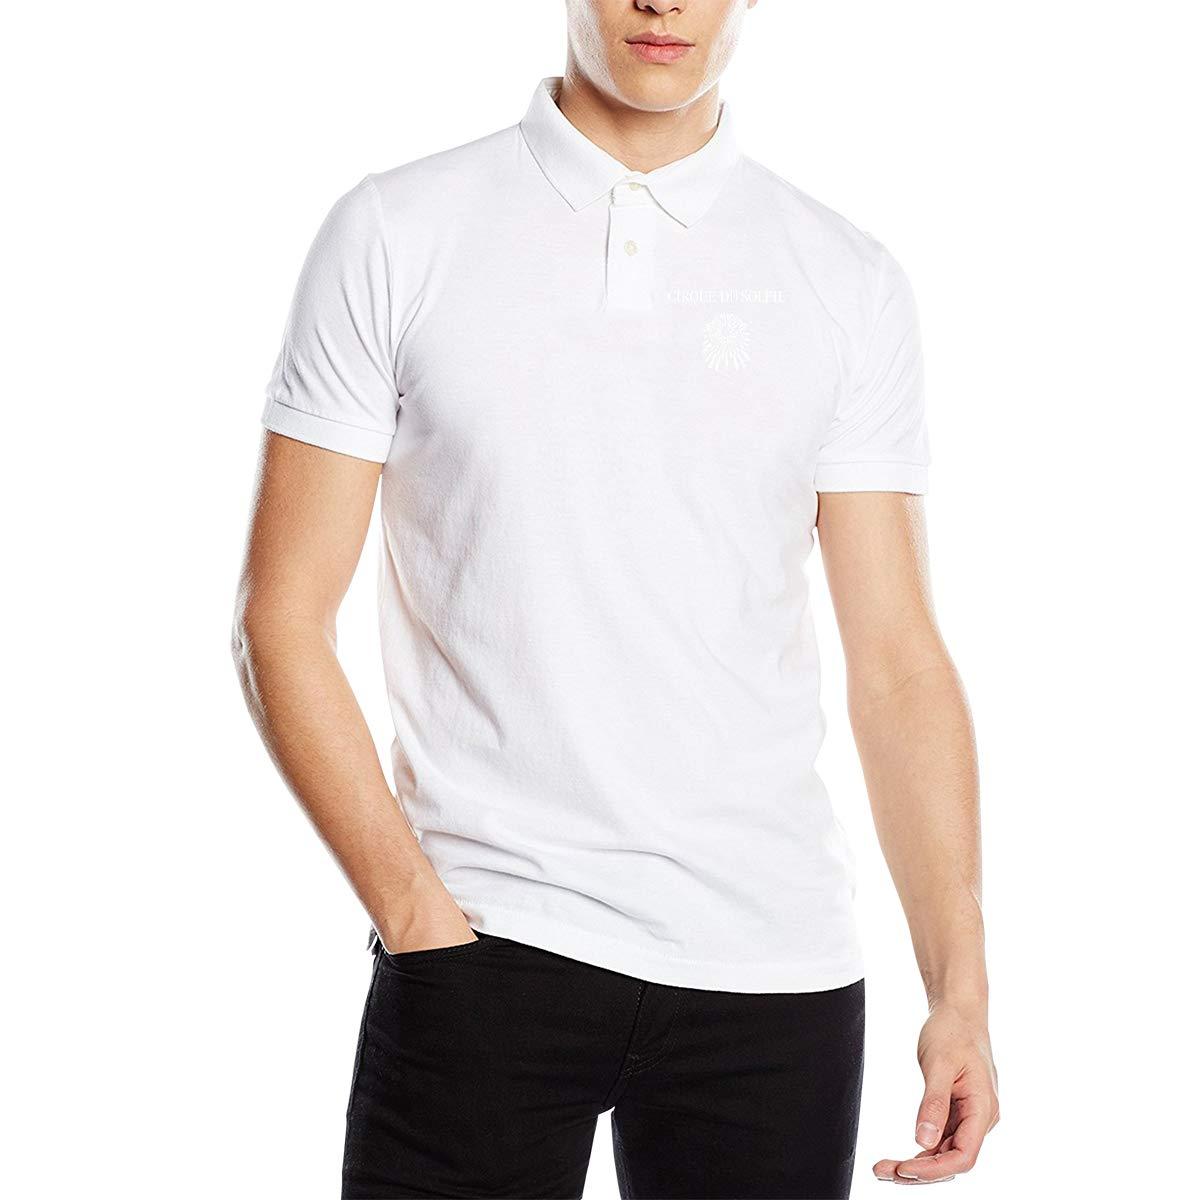 Arilce Cirque-Du-Soleil Men Polo Shirt Short Sleeve Lapel Blouse Black